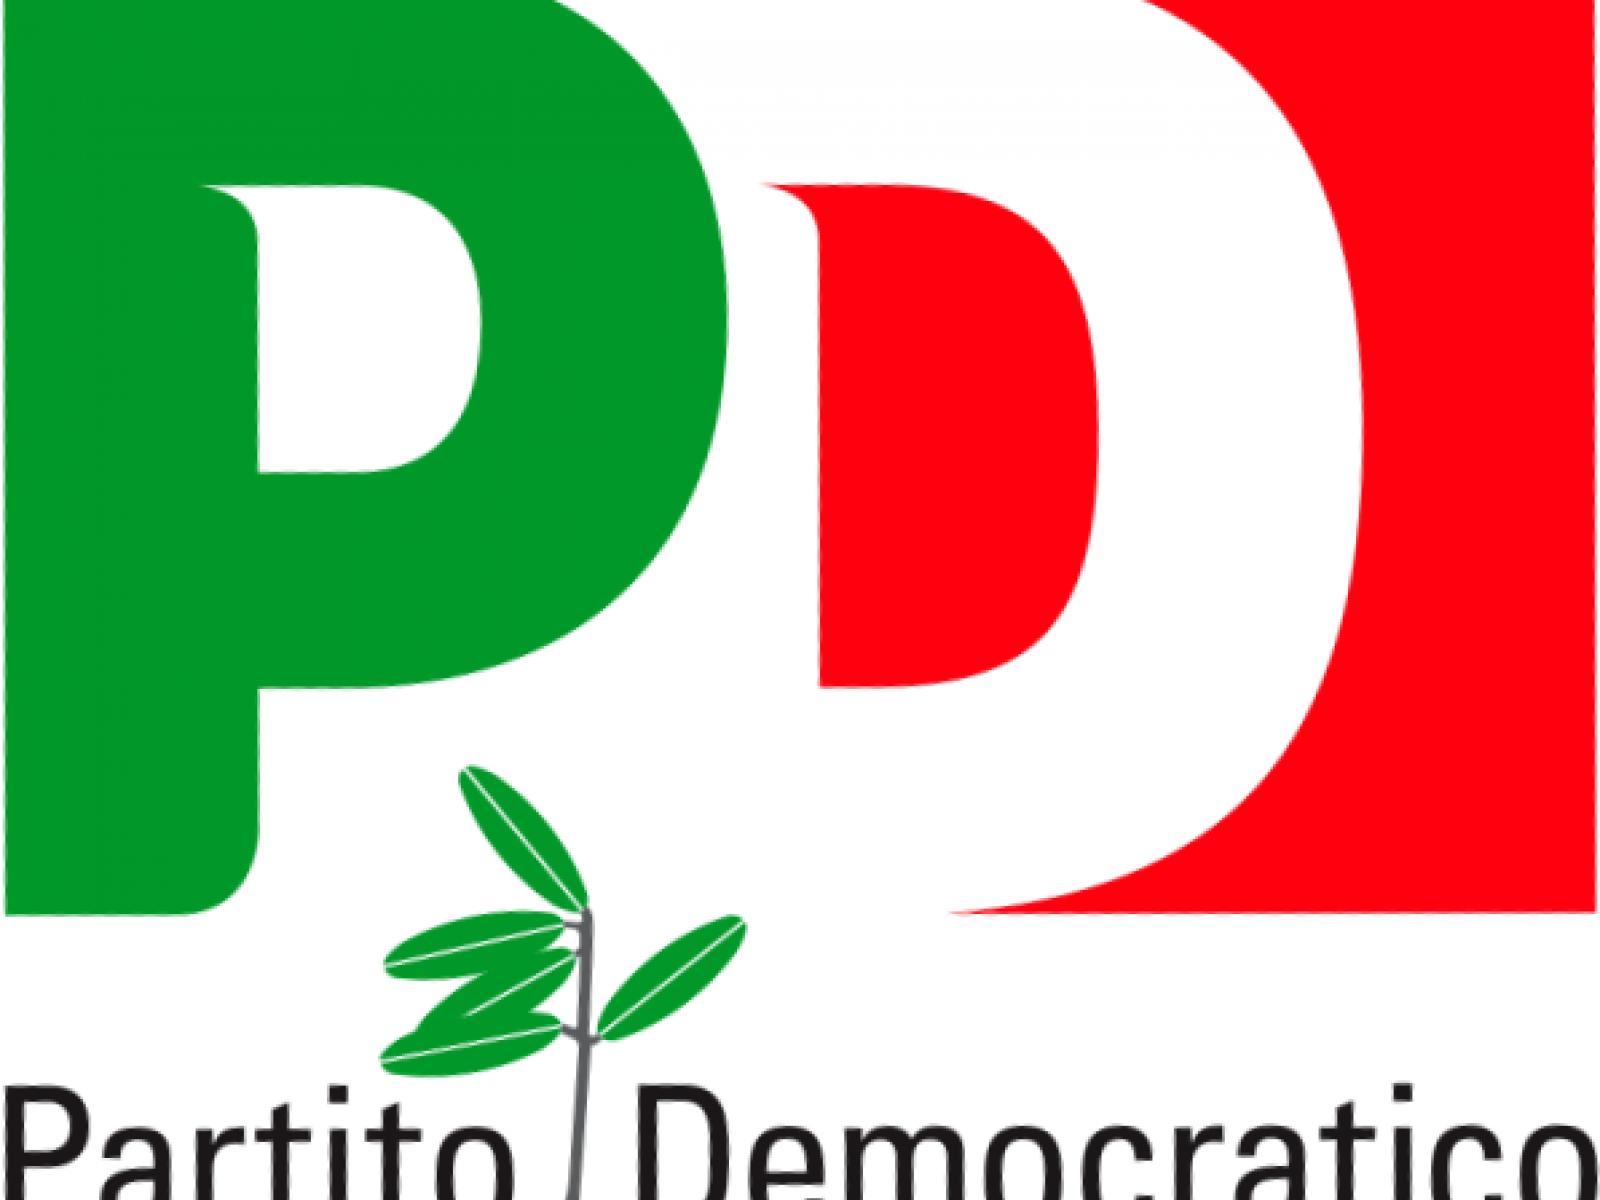 Menfi. Domenica 30, Primarie Congresso PD per l'elezione del Segretario e dell'Assemblea Nazionale